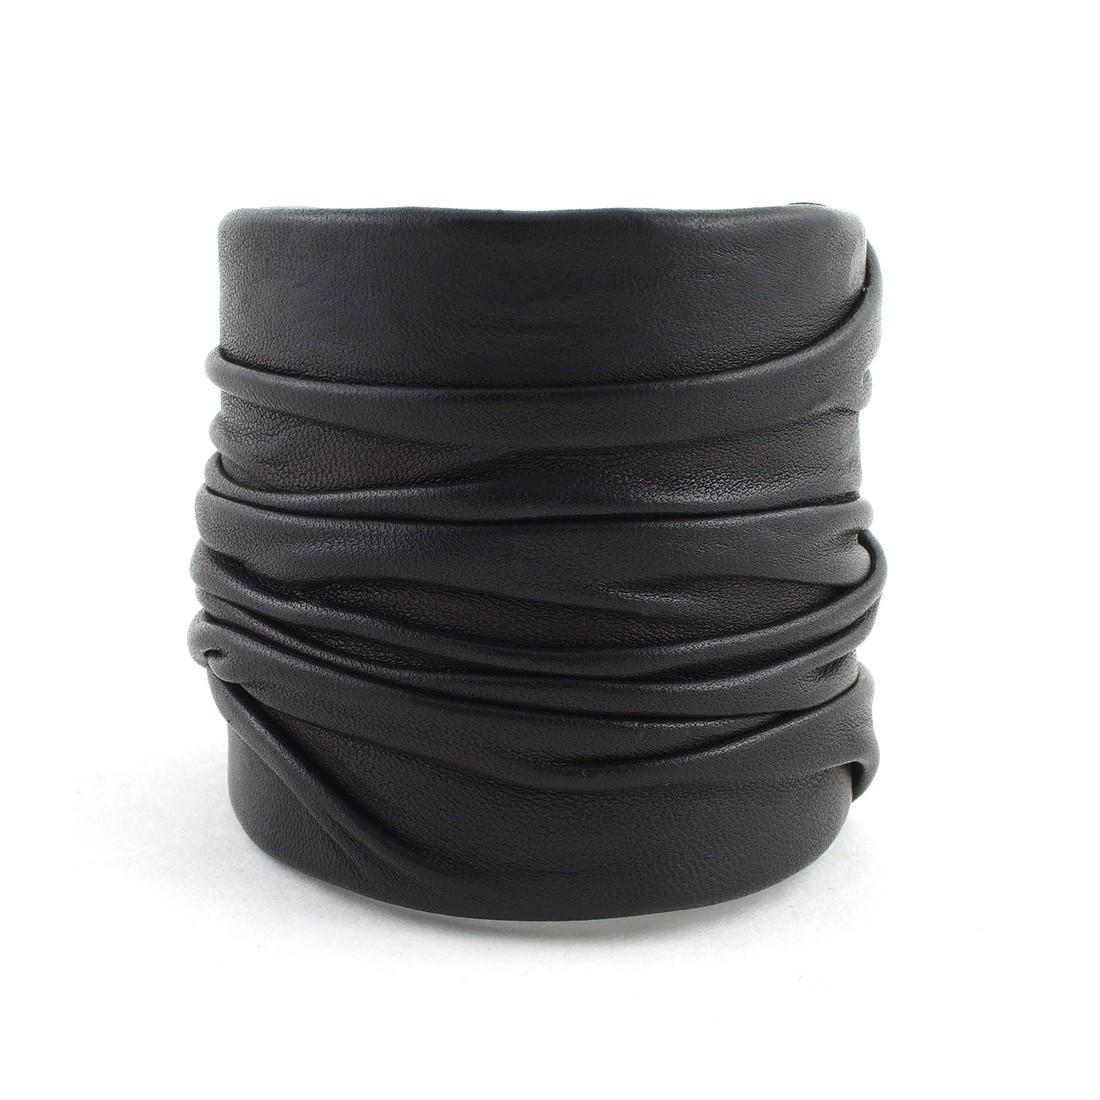 manchette drap e cuir noir clara ds bracelets les cr ateurs de paris. Black Bedroom Furniture Sets. Home Design Ideas